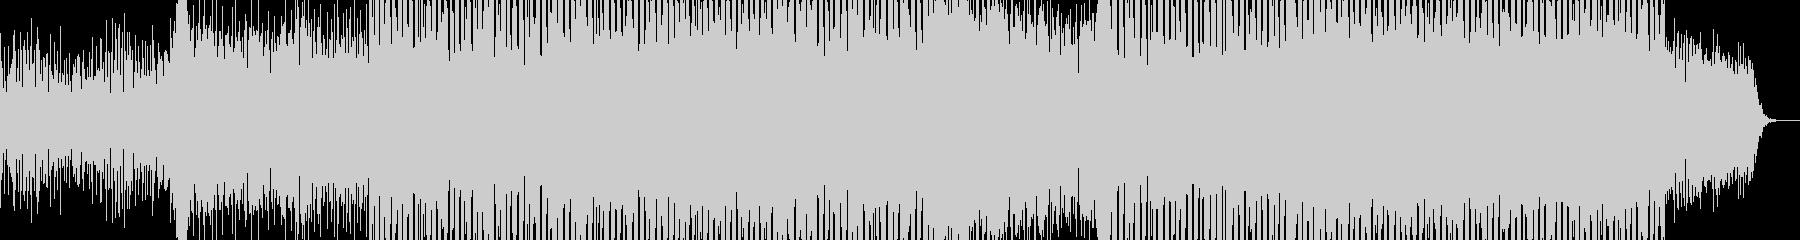 EDMクラブ系ダンスミュージック-99の未再生の波形